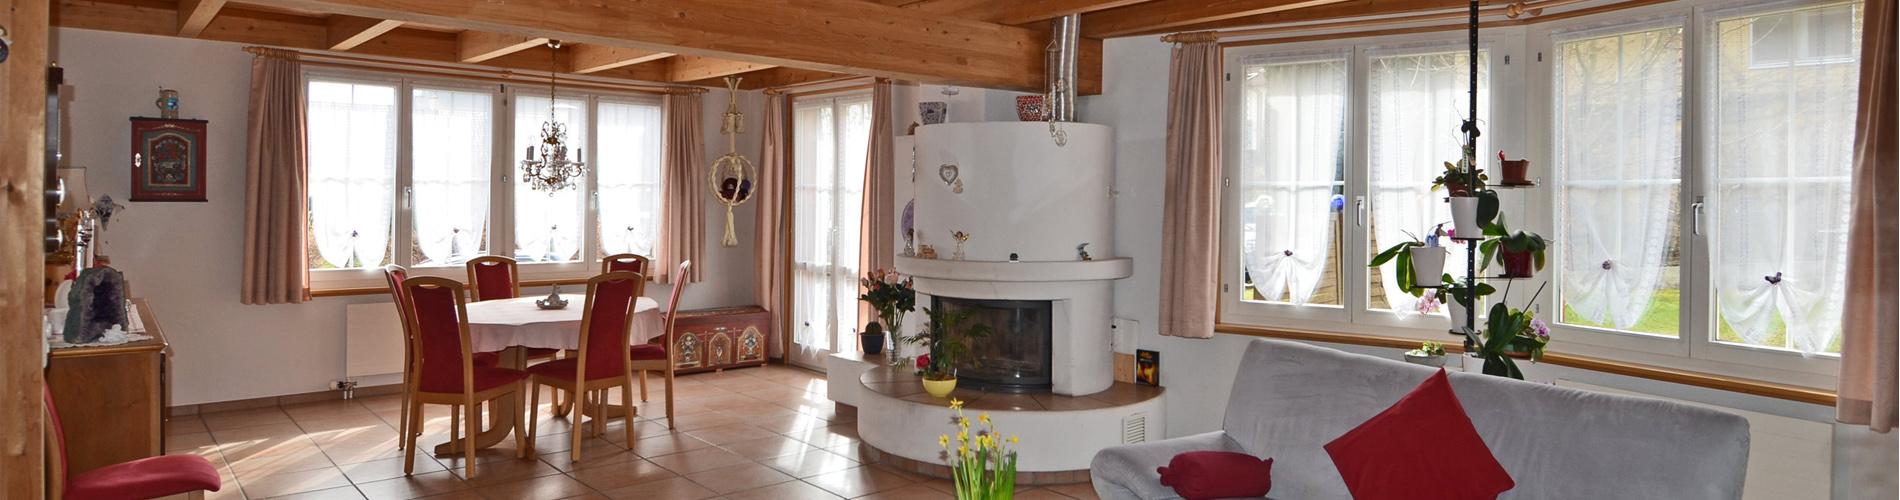 Freistehendes 5 Zi'-Einfamilienhaus im Landhausstil